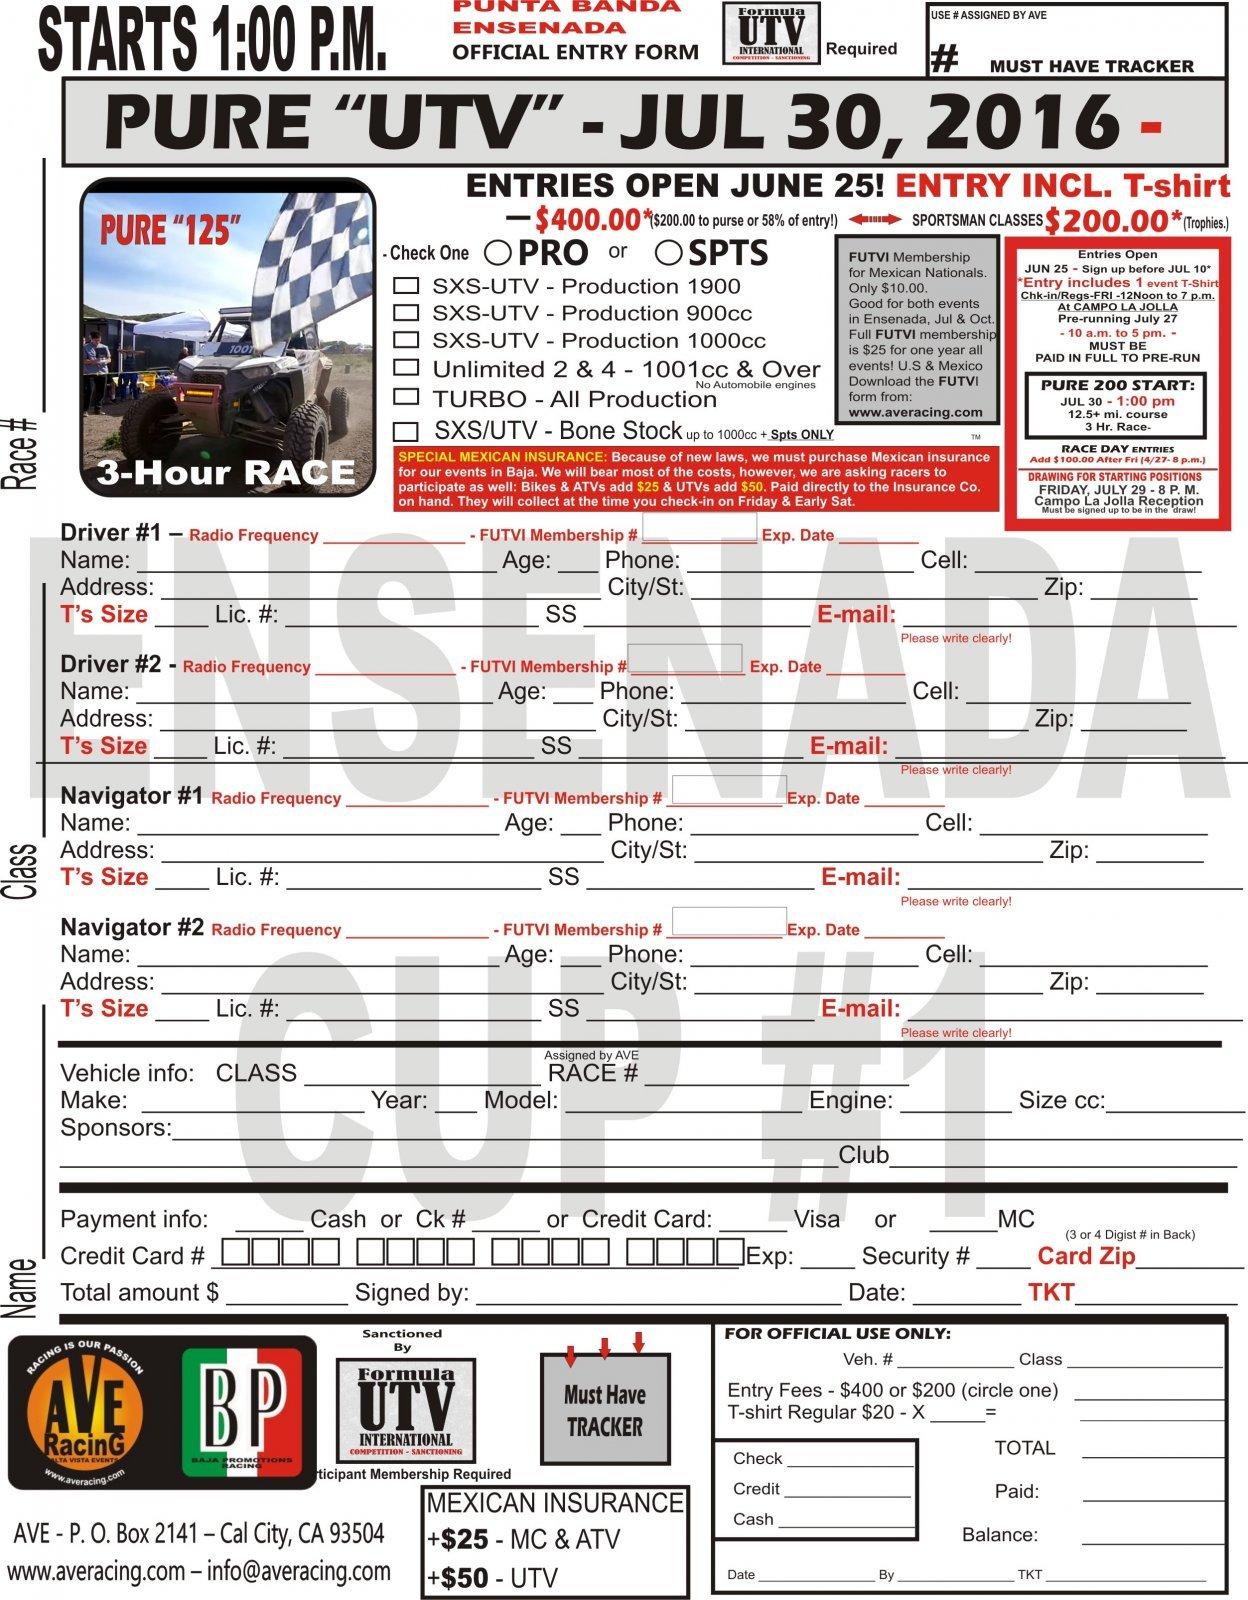 16-Punta Banda-UTV-Entry-Jun29.jpg